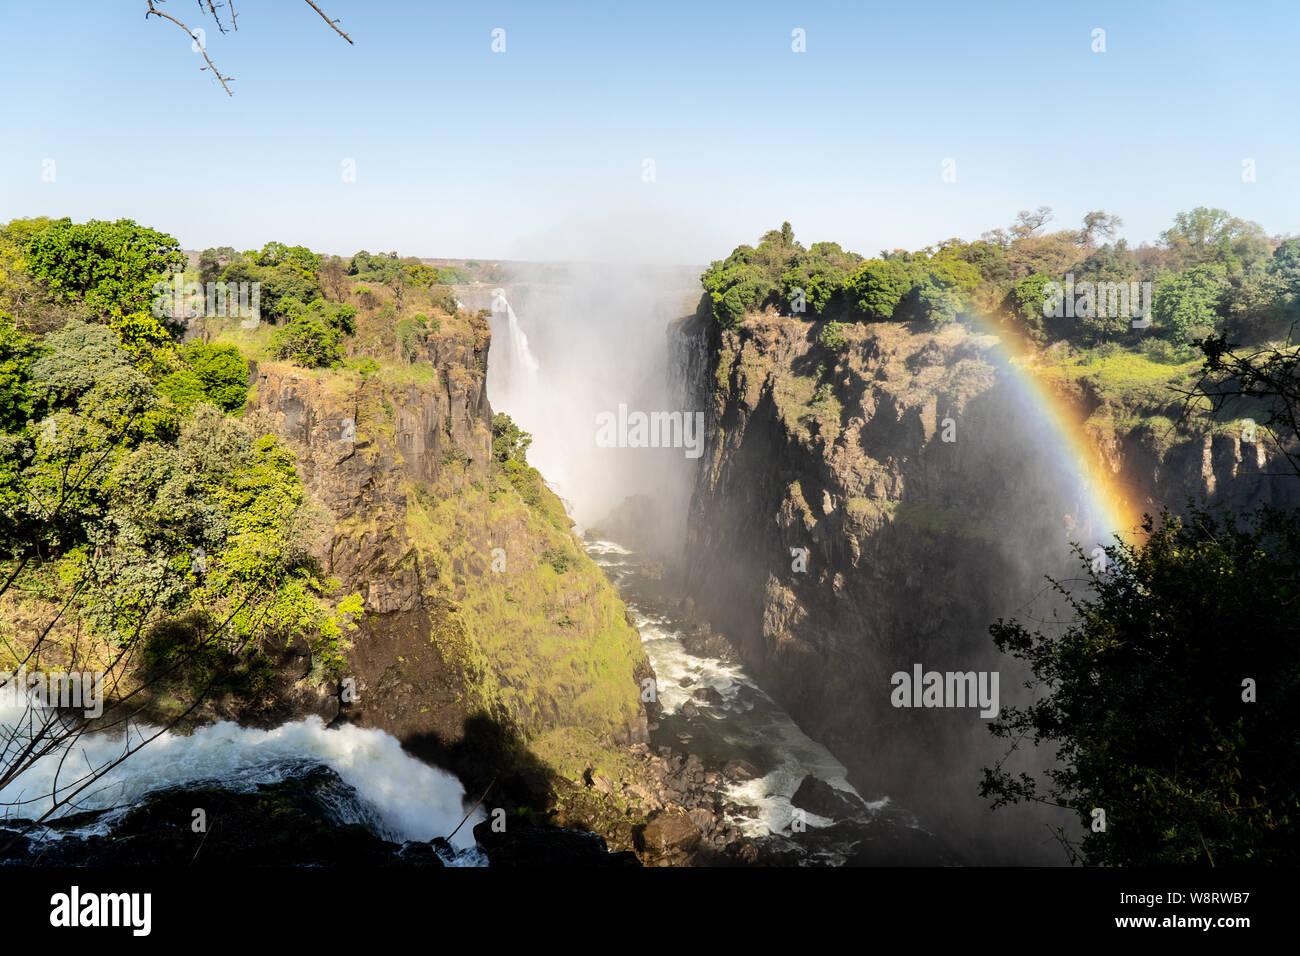 En arc-en-ciel le spray de Victoria Falls sur la frontière de la Zambie et du Zimbabwe, l'Afrique. Banque D'Images